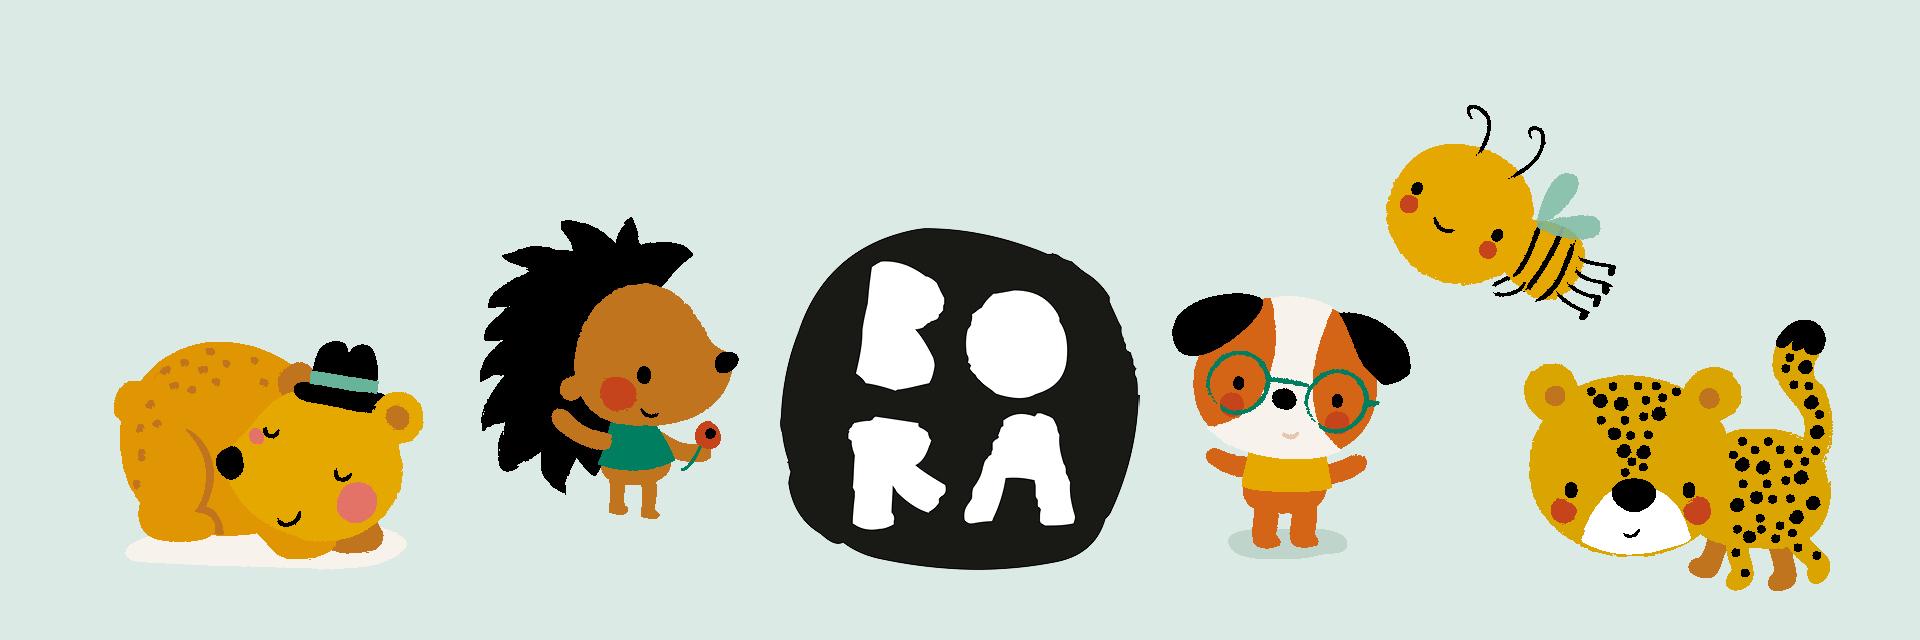 Bora - Deborah van de Leijgraaf